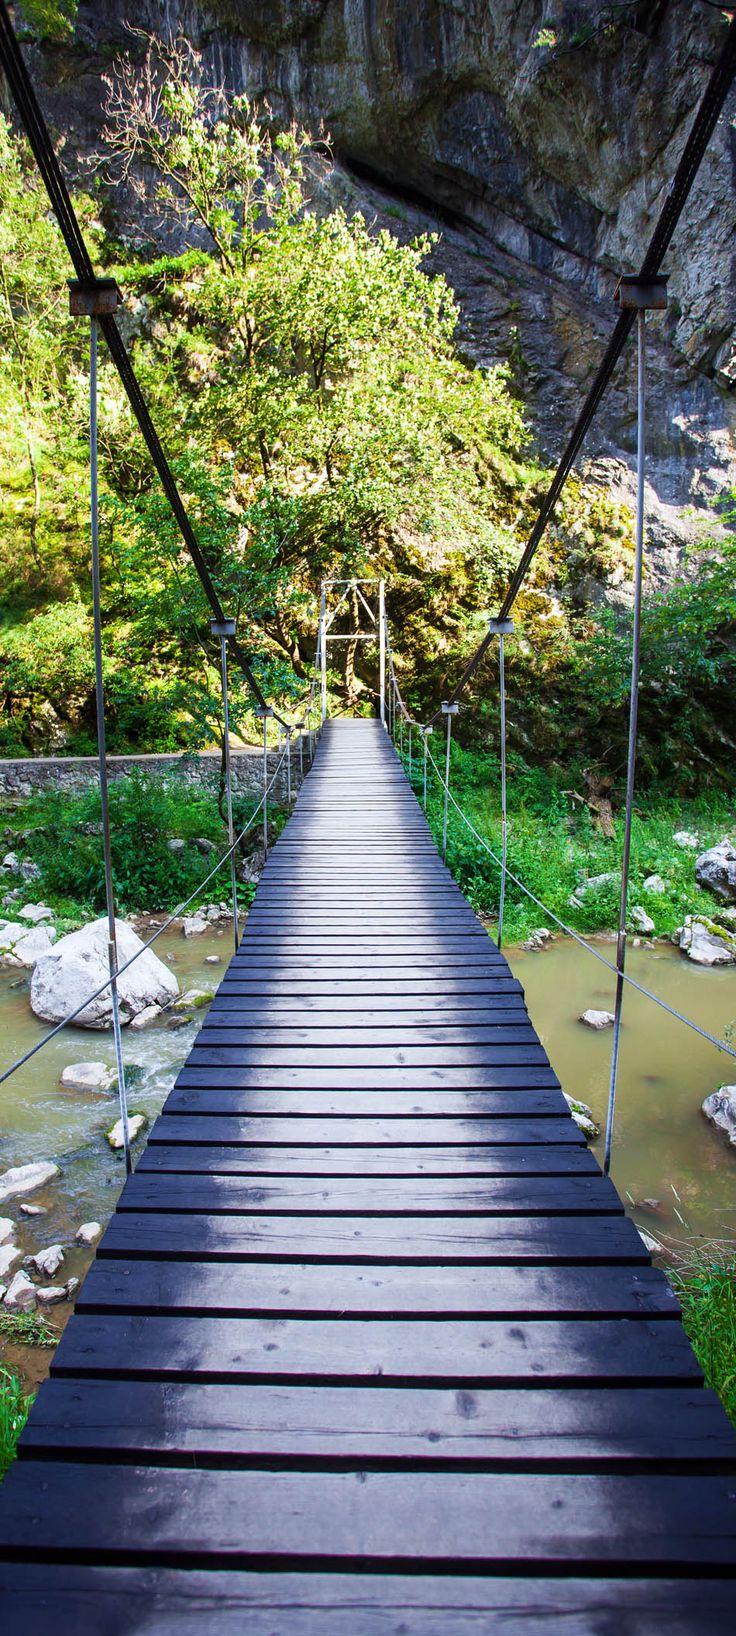 Suspended bridge in Turda Gorges National Park, Transylvania - Romania - Discover Amazing Romania through 44 Spectacular Photos